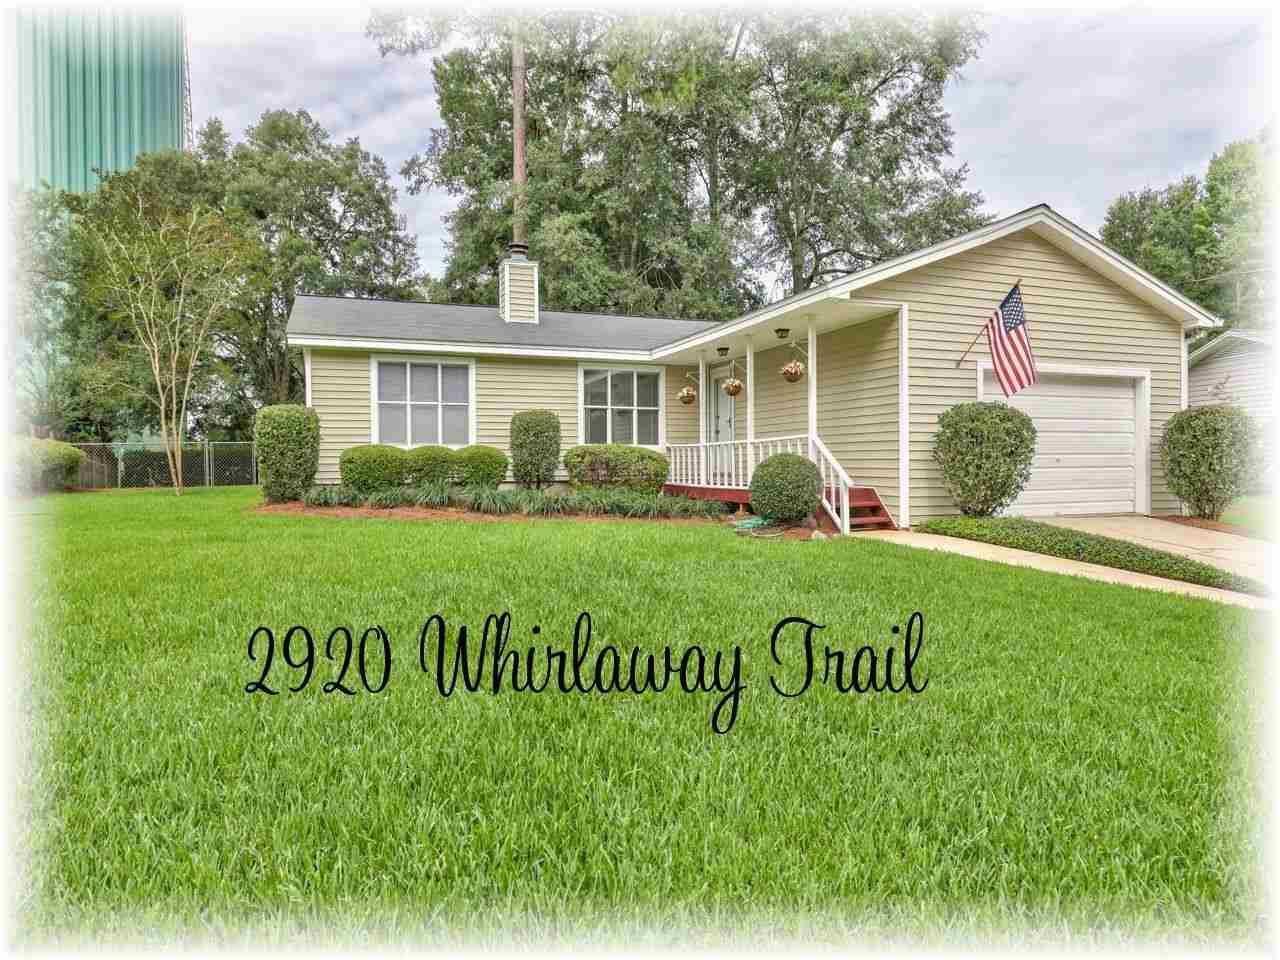 2920 Whirlaway Trail, Tallahassee, FL 32309 - MLS#: 334615